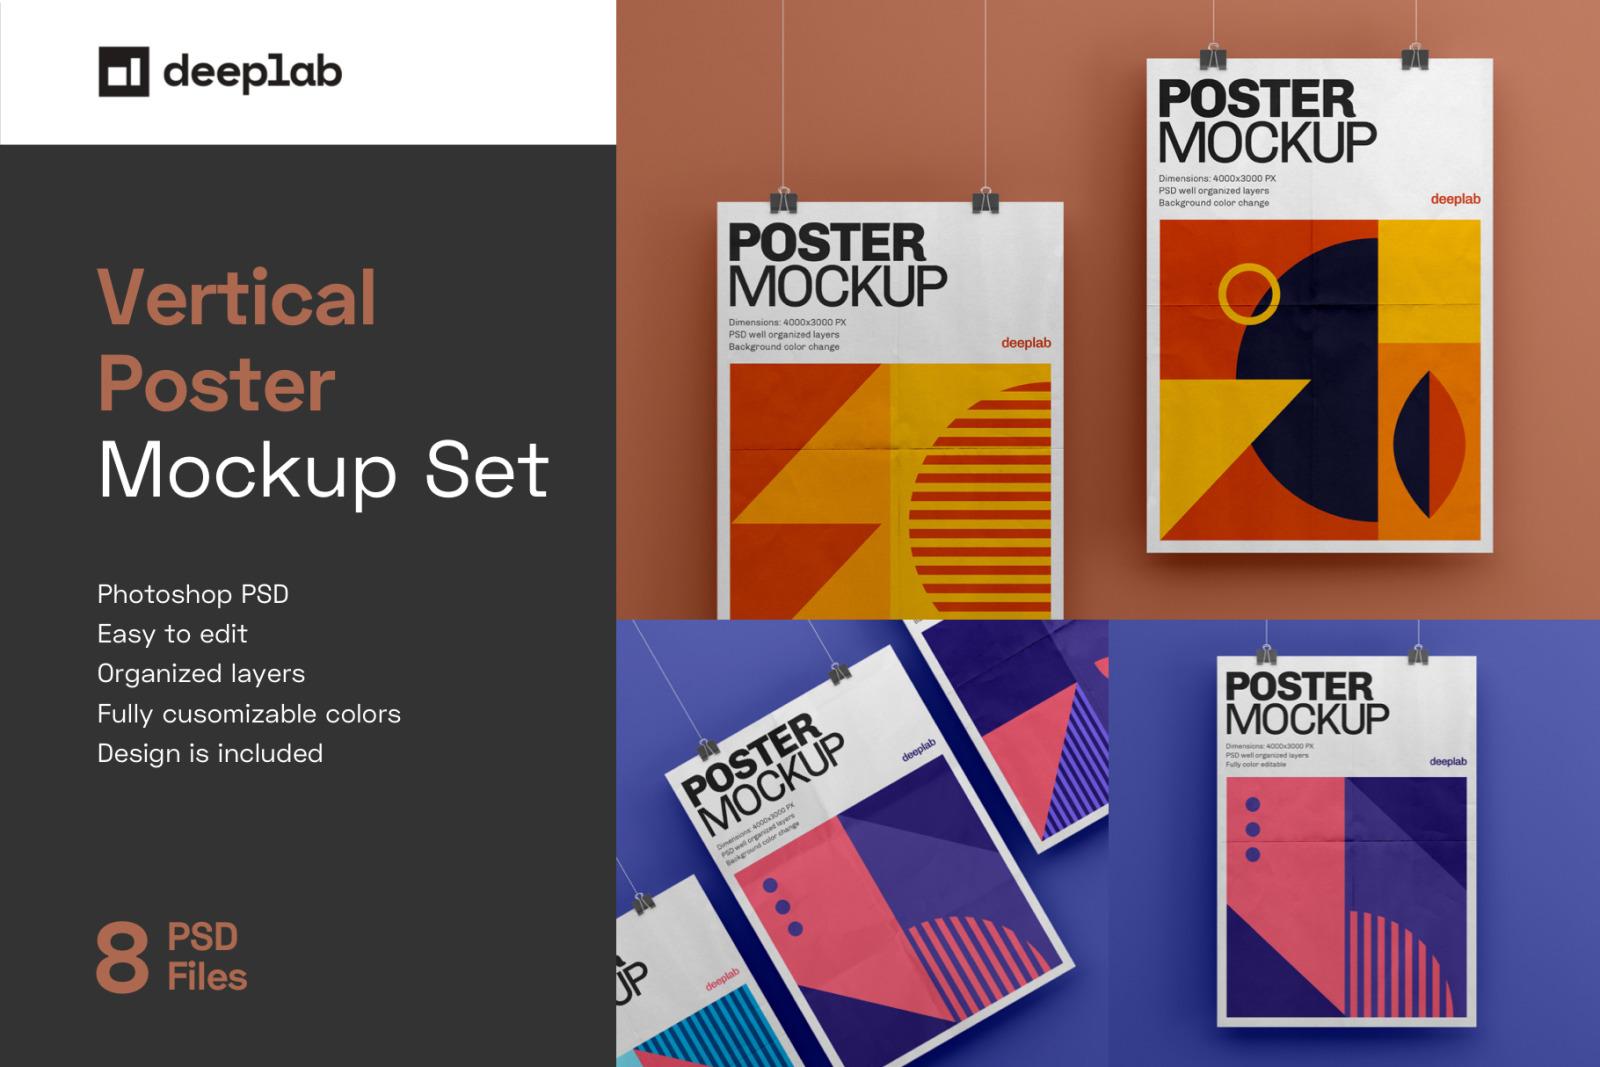 Poster Mockup Set